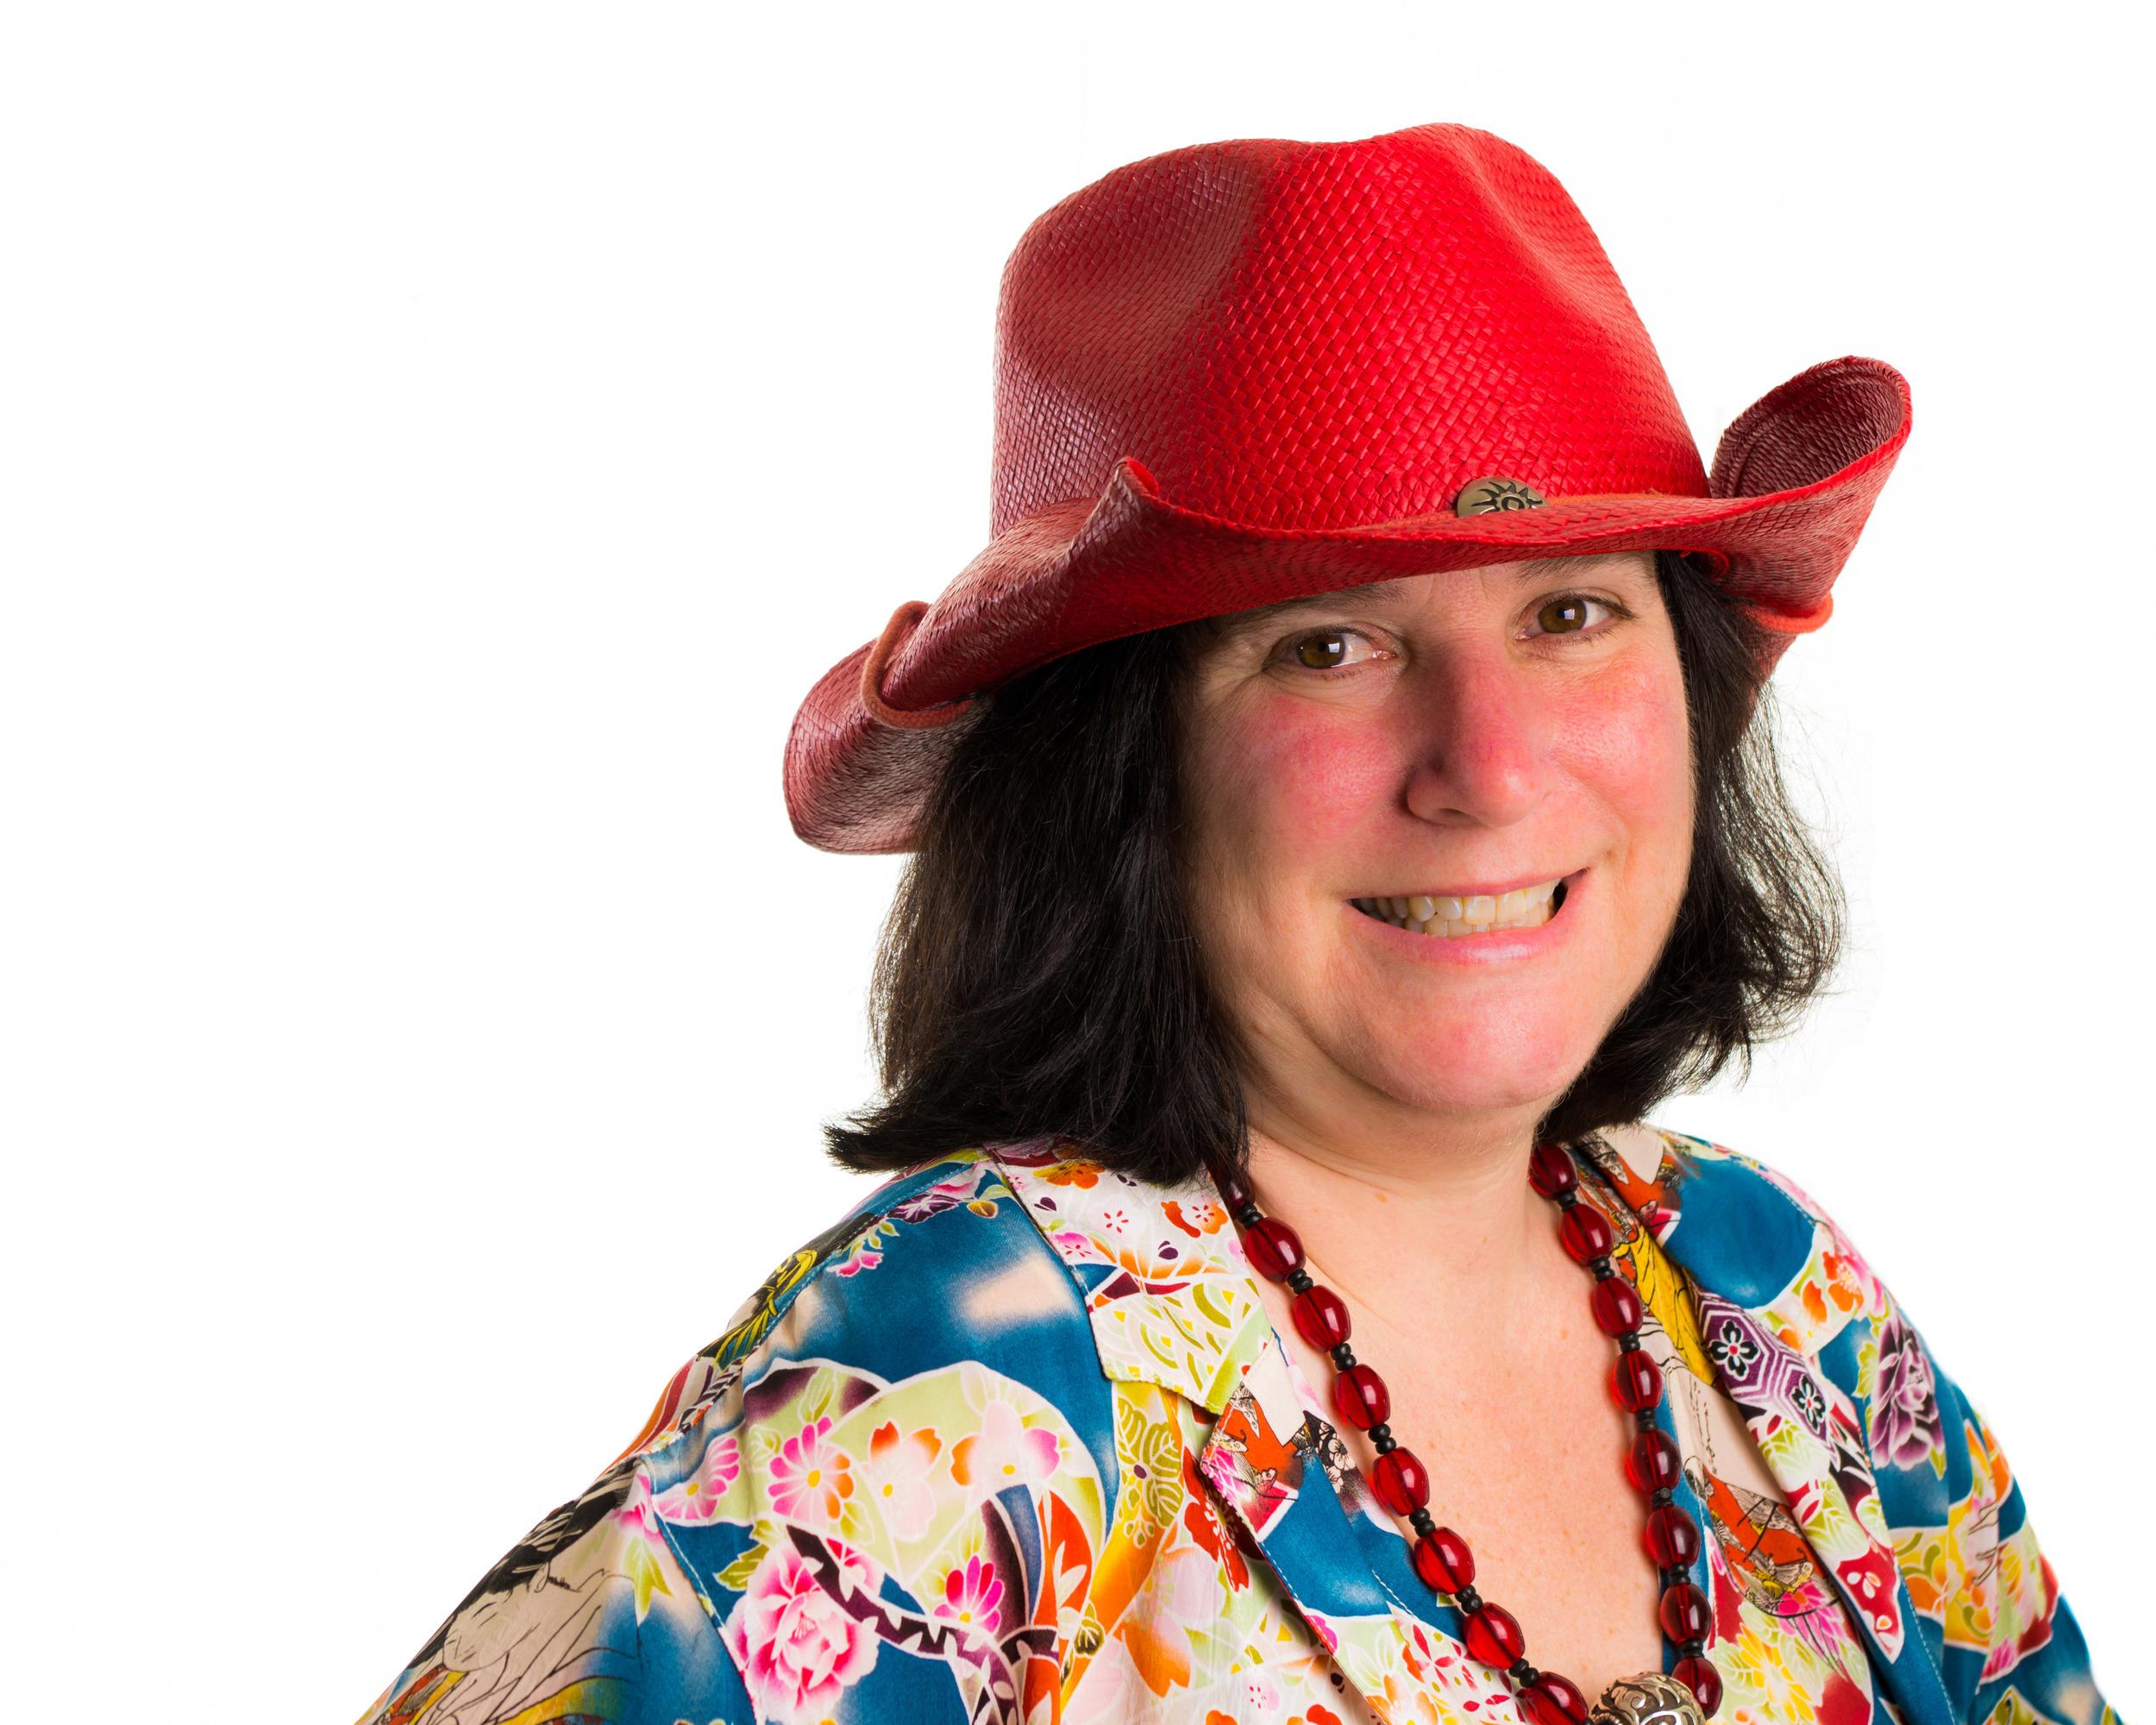 Beth Kanter, Source: www.bethkaner.org